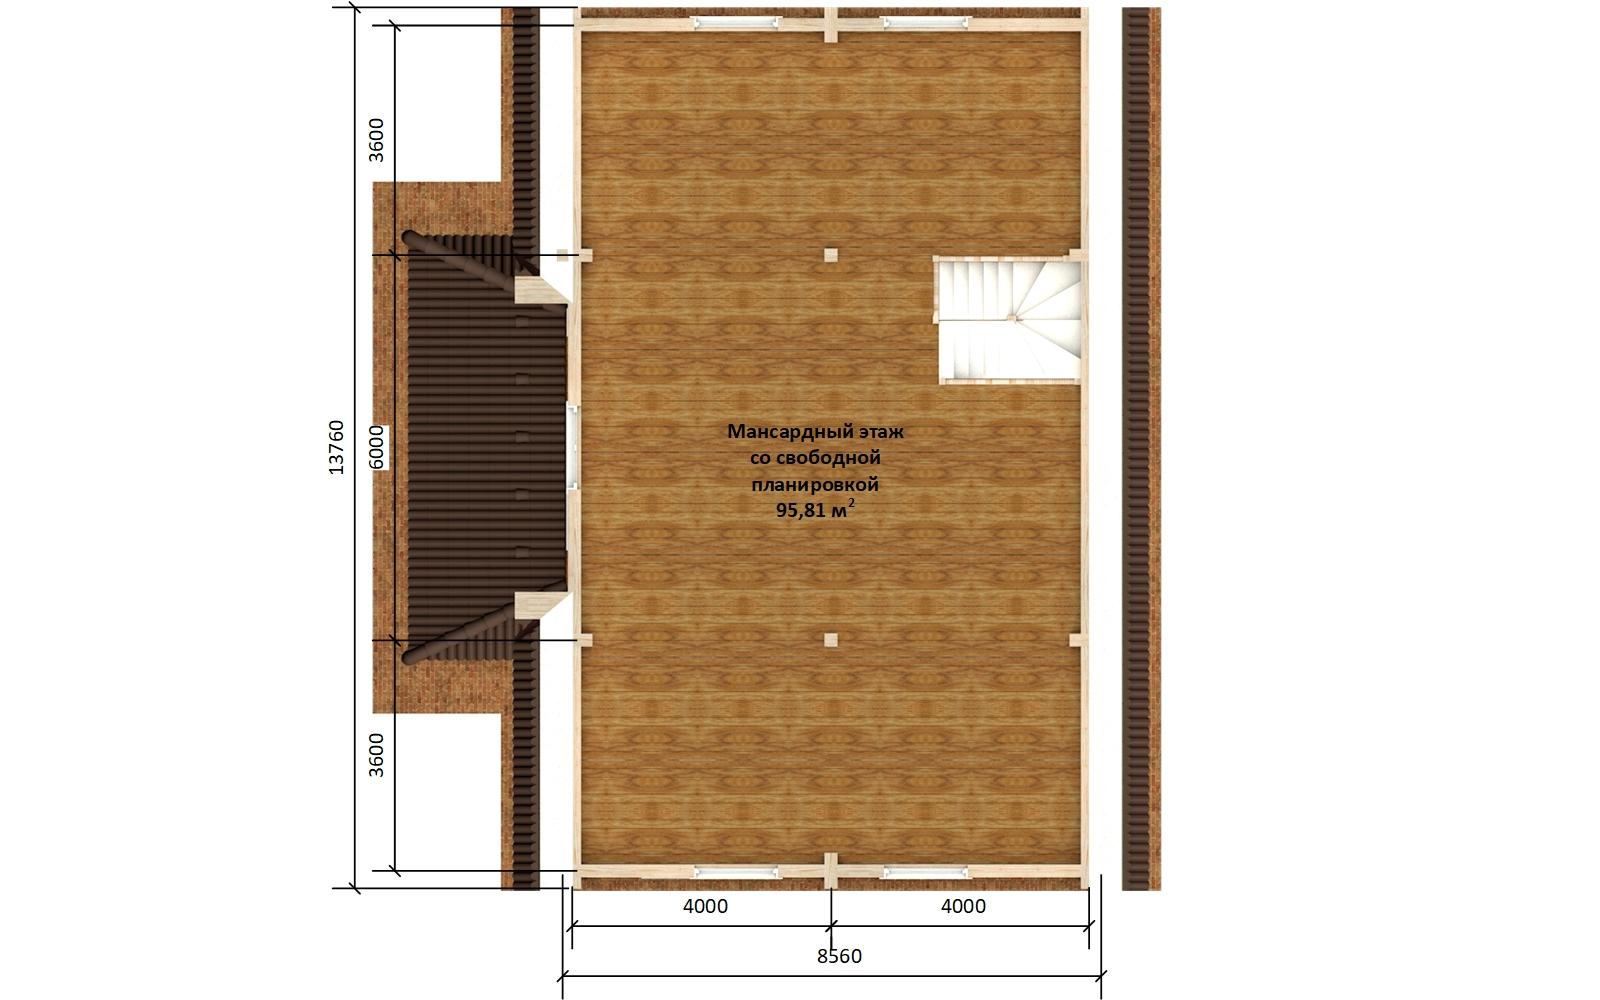 Фото #6: деревянный дом ПДБ-71 из клееного бруса купить за 10054092 (цена «Под ключ»)